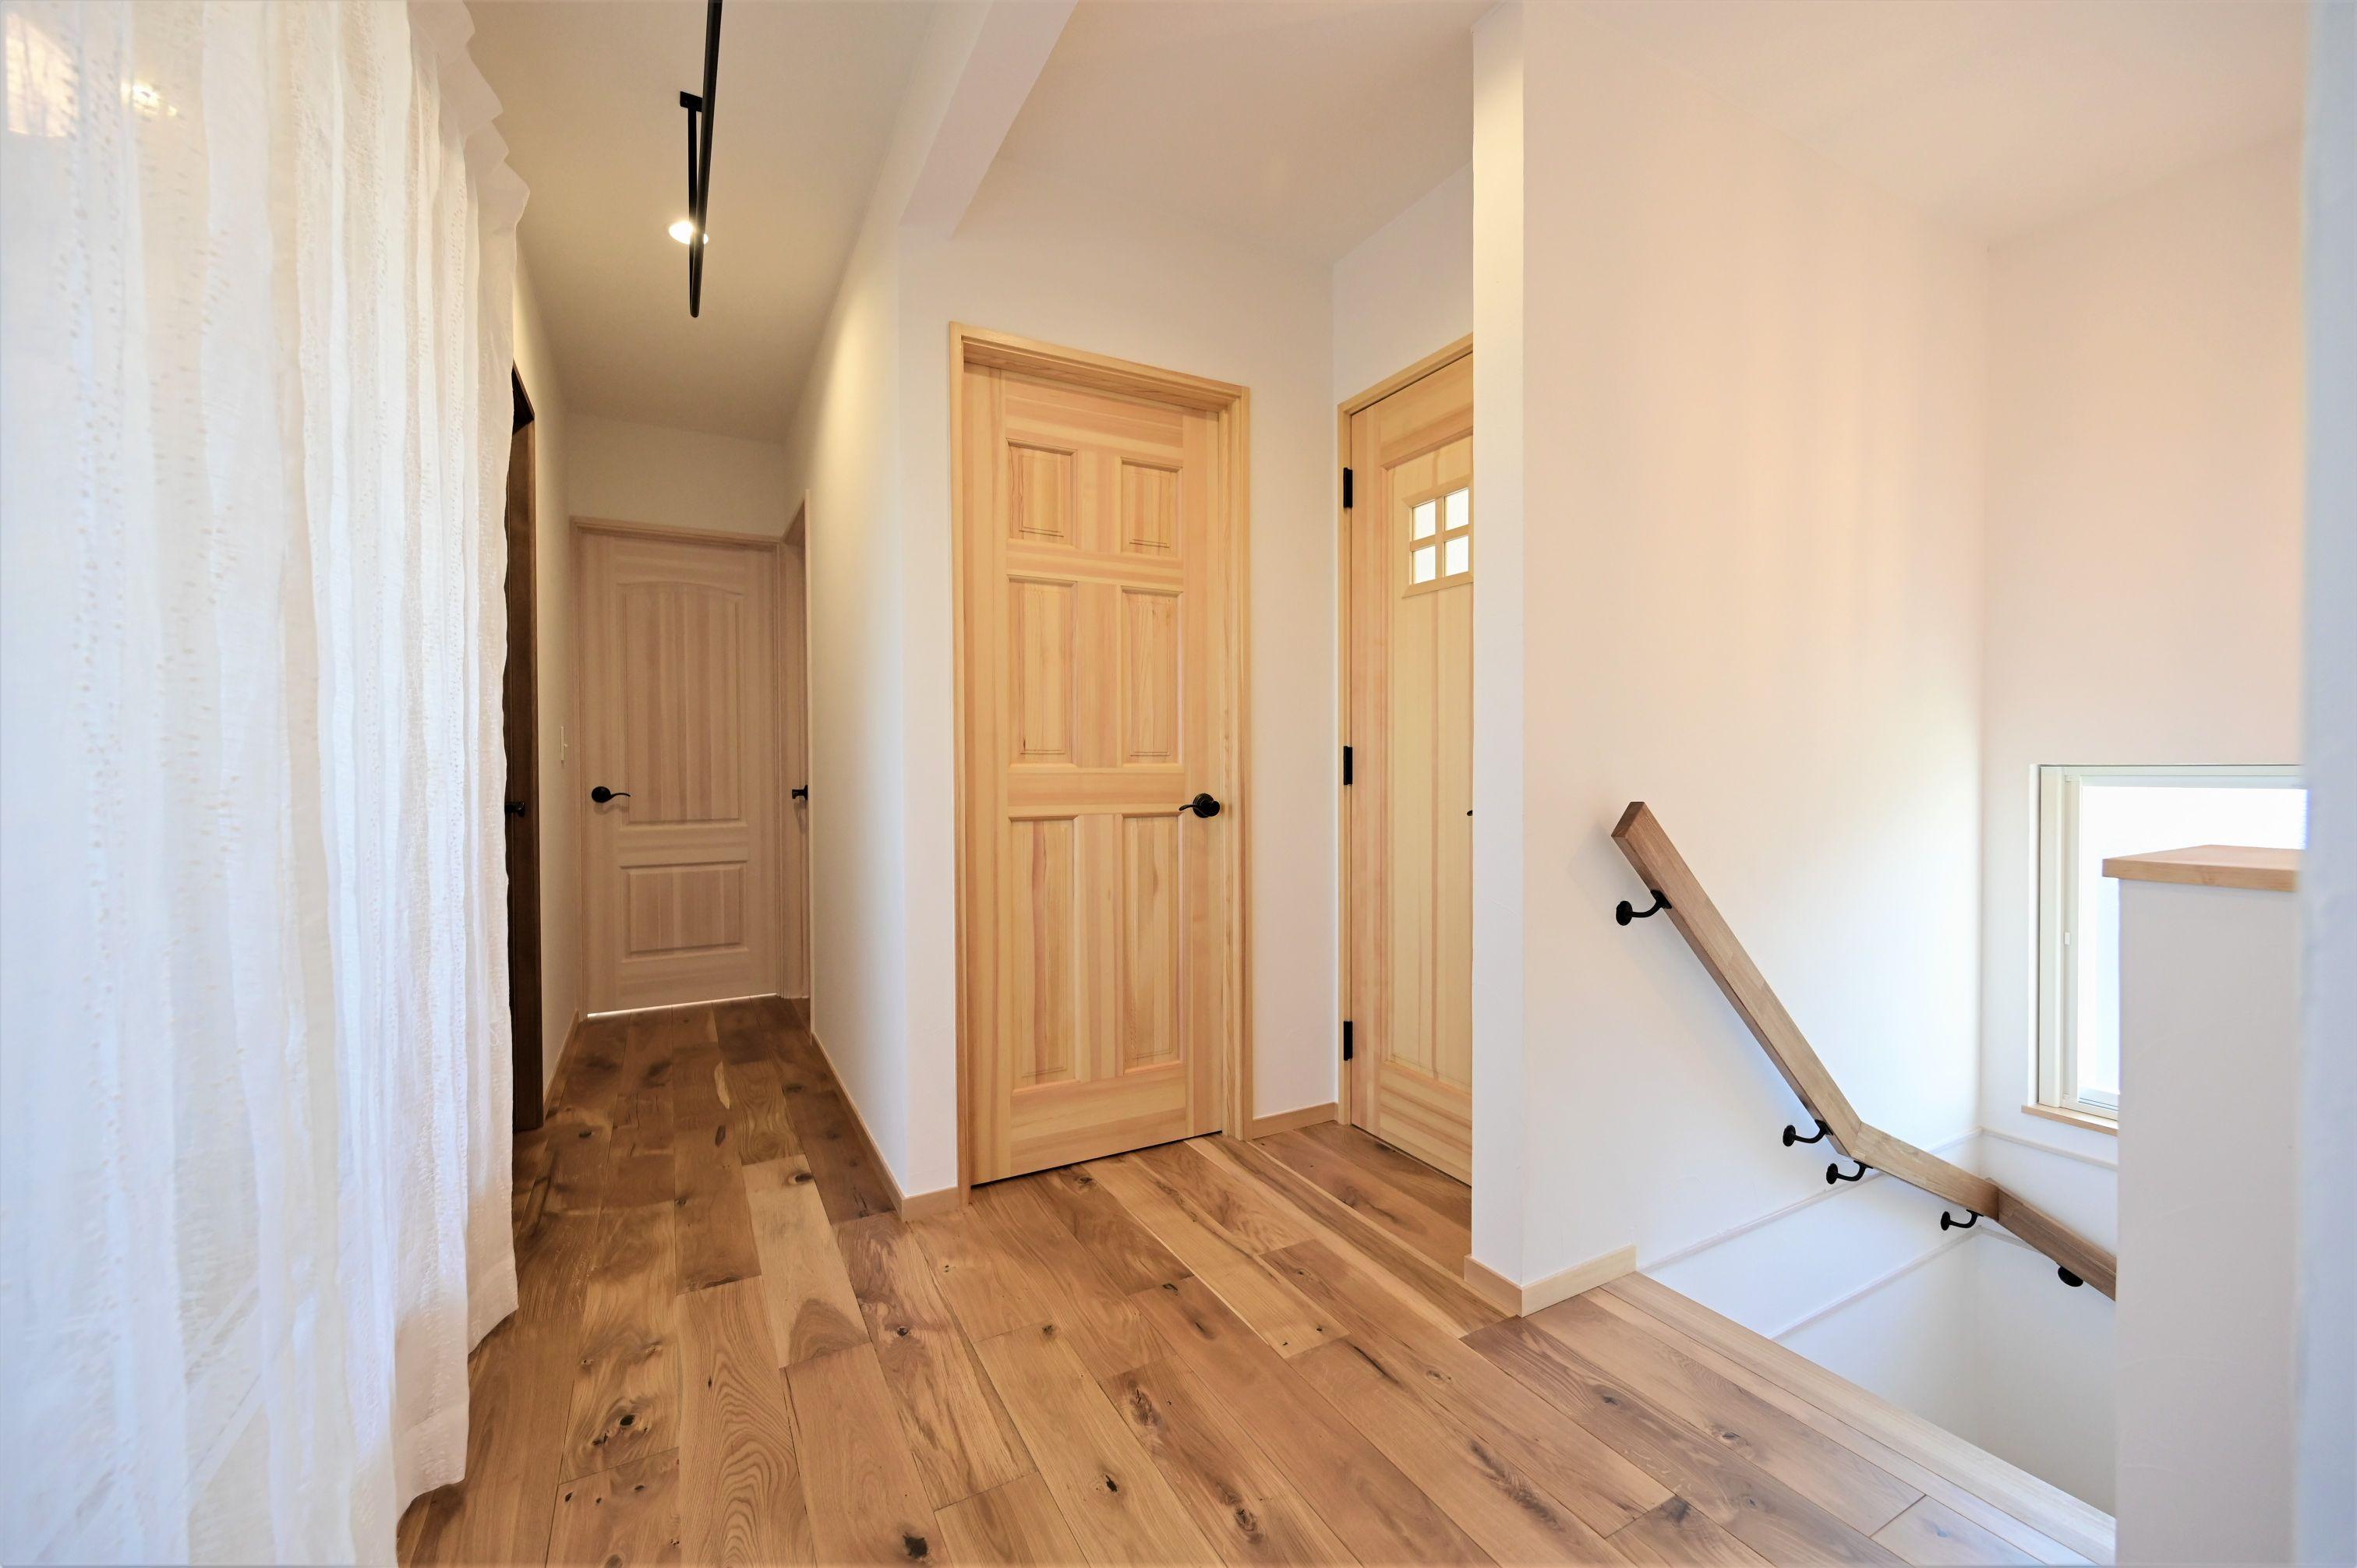 サンエフホーム【デザイン住宅、収納力、自然素材】各部屋の扉はデザインの違う物をオーダーメイド